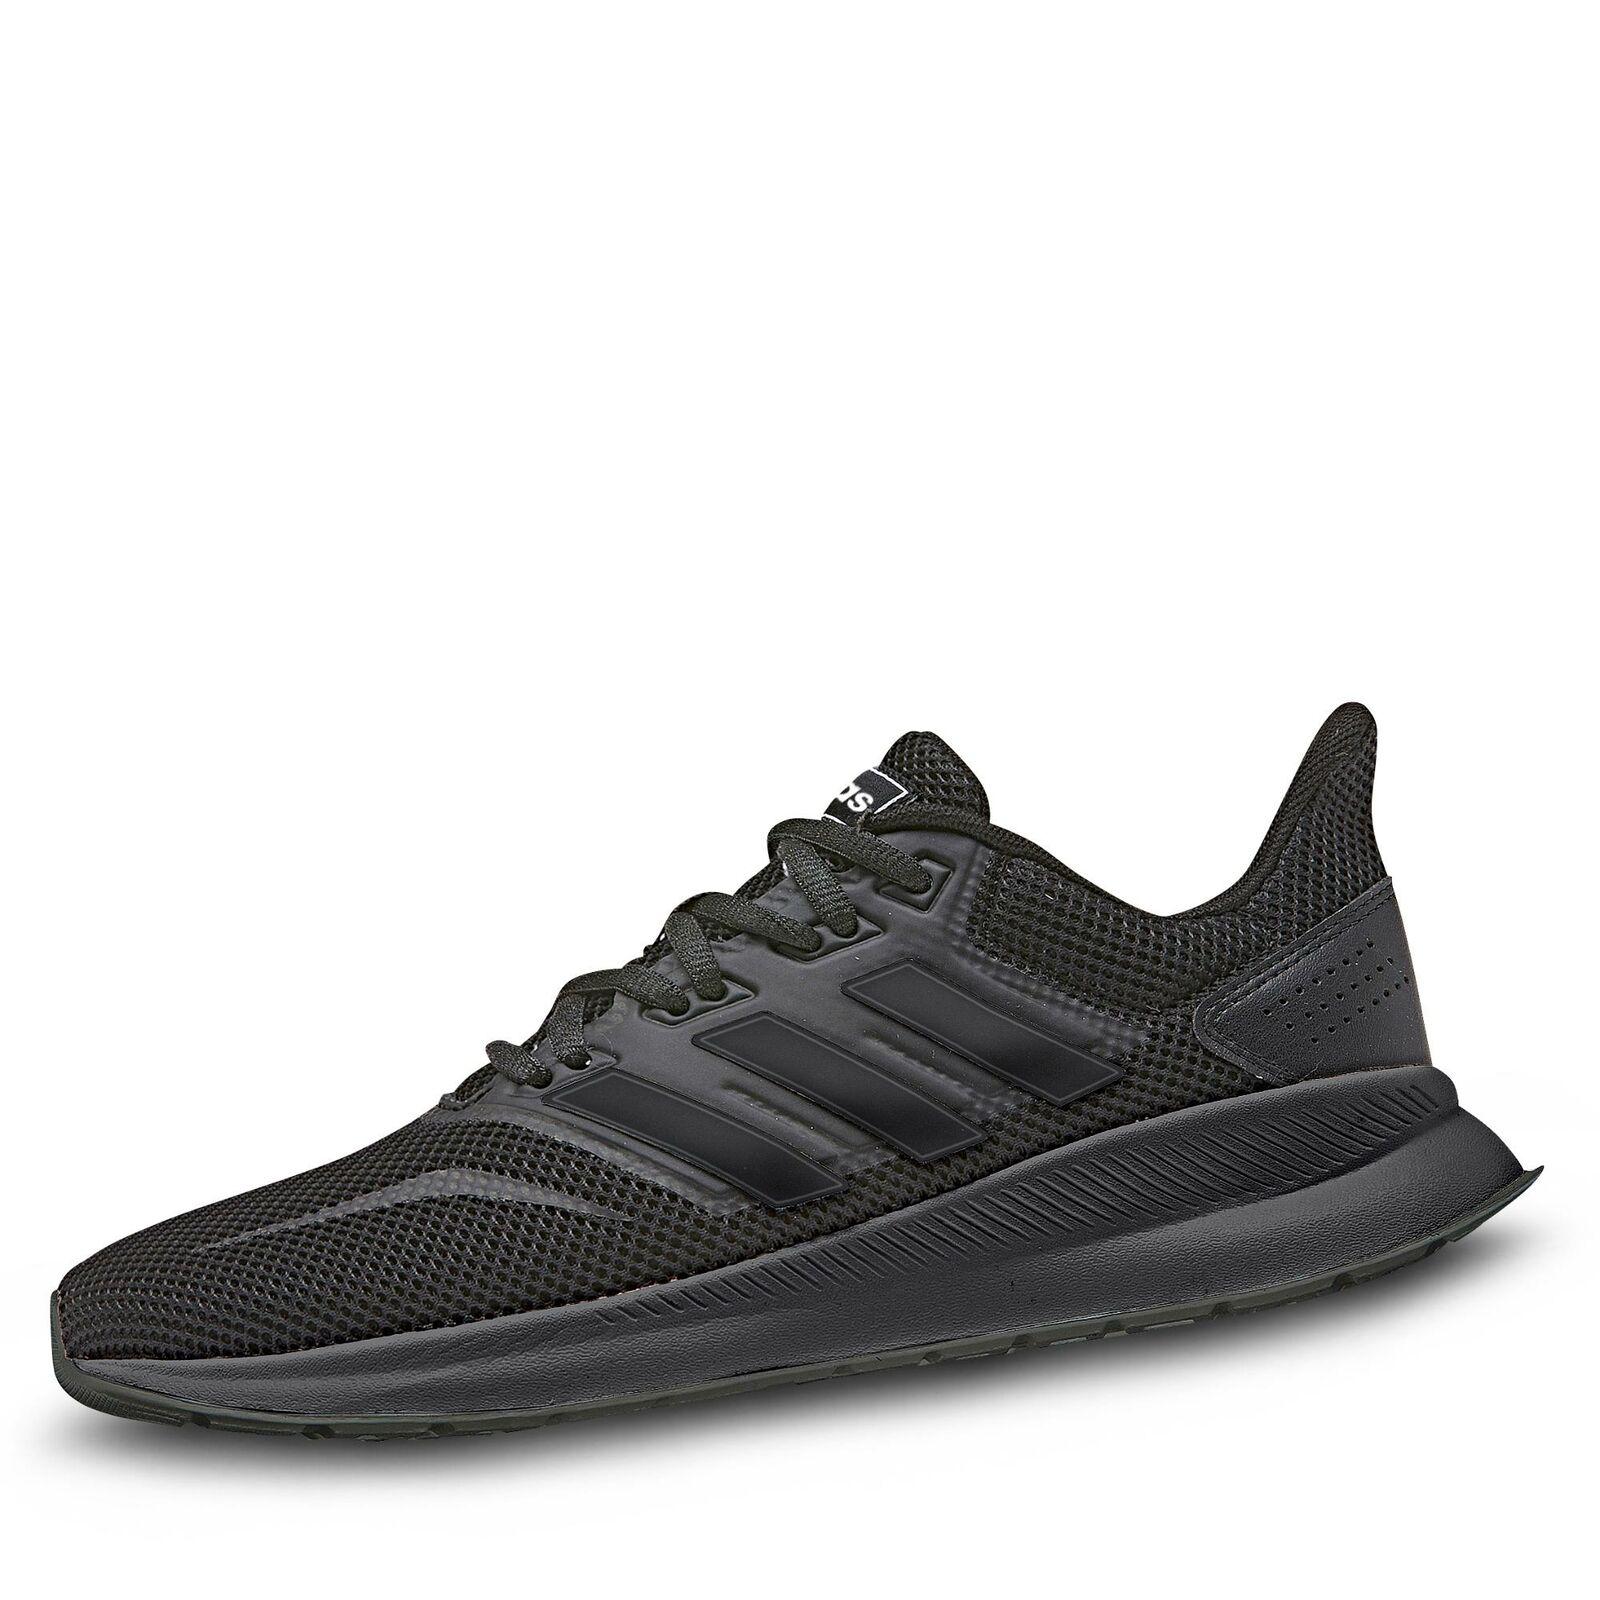 Adidas RunFalcon Herren Sportschuh Streetrunning Laufschuhe Fitness Schuhe